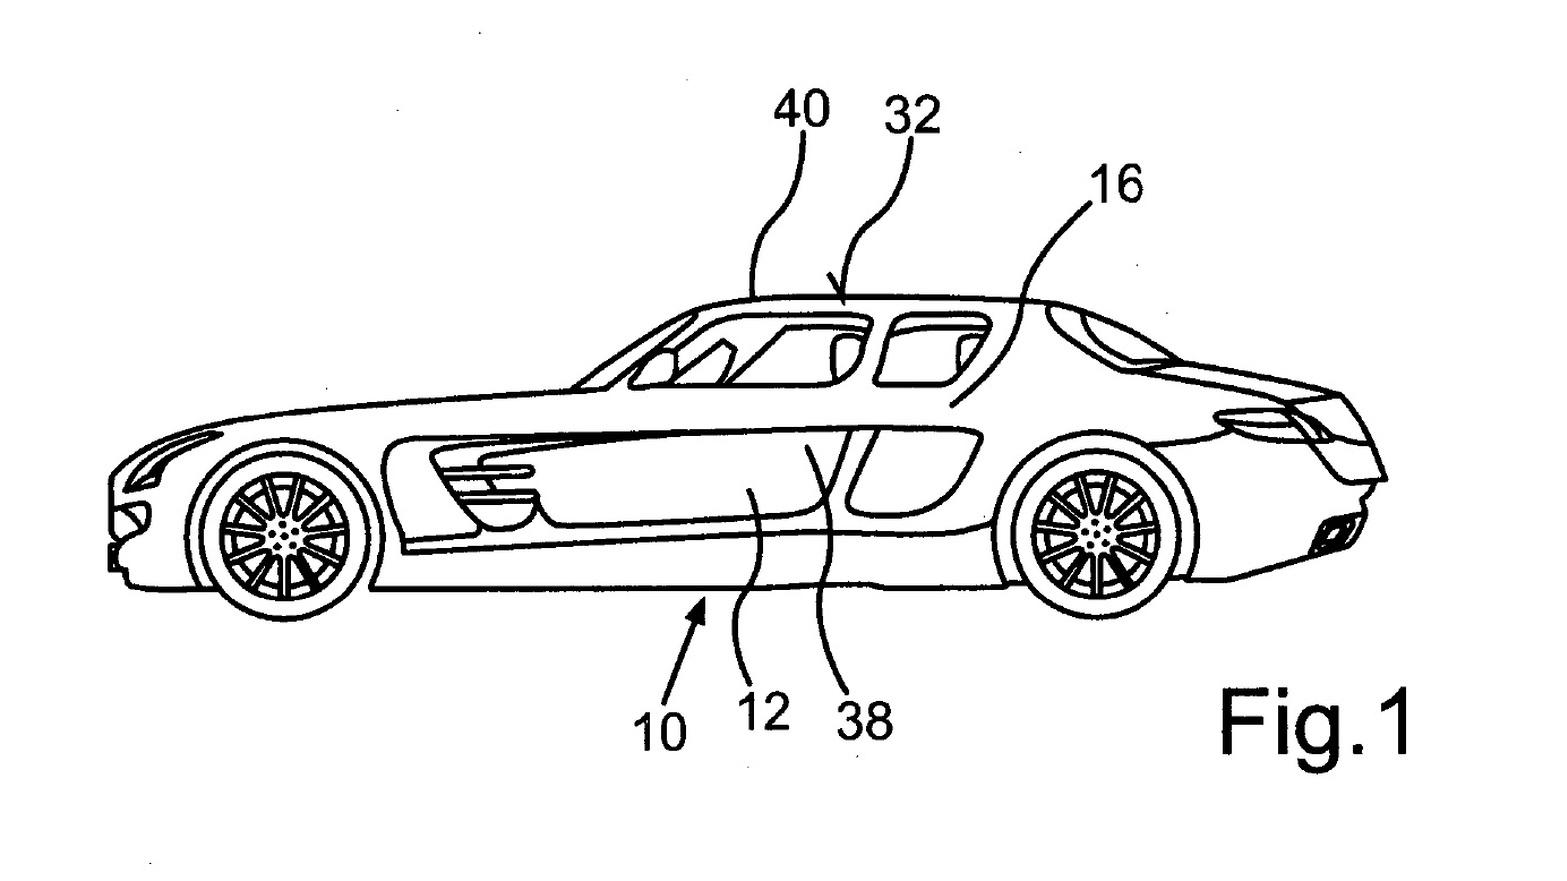 Four-door SLS AMG patent images